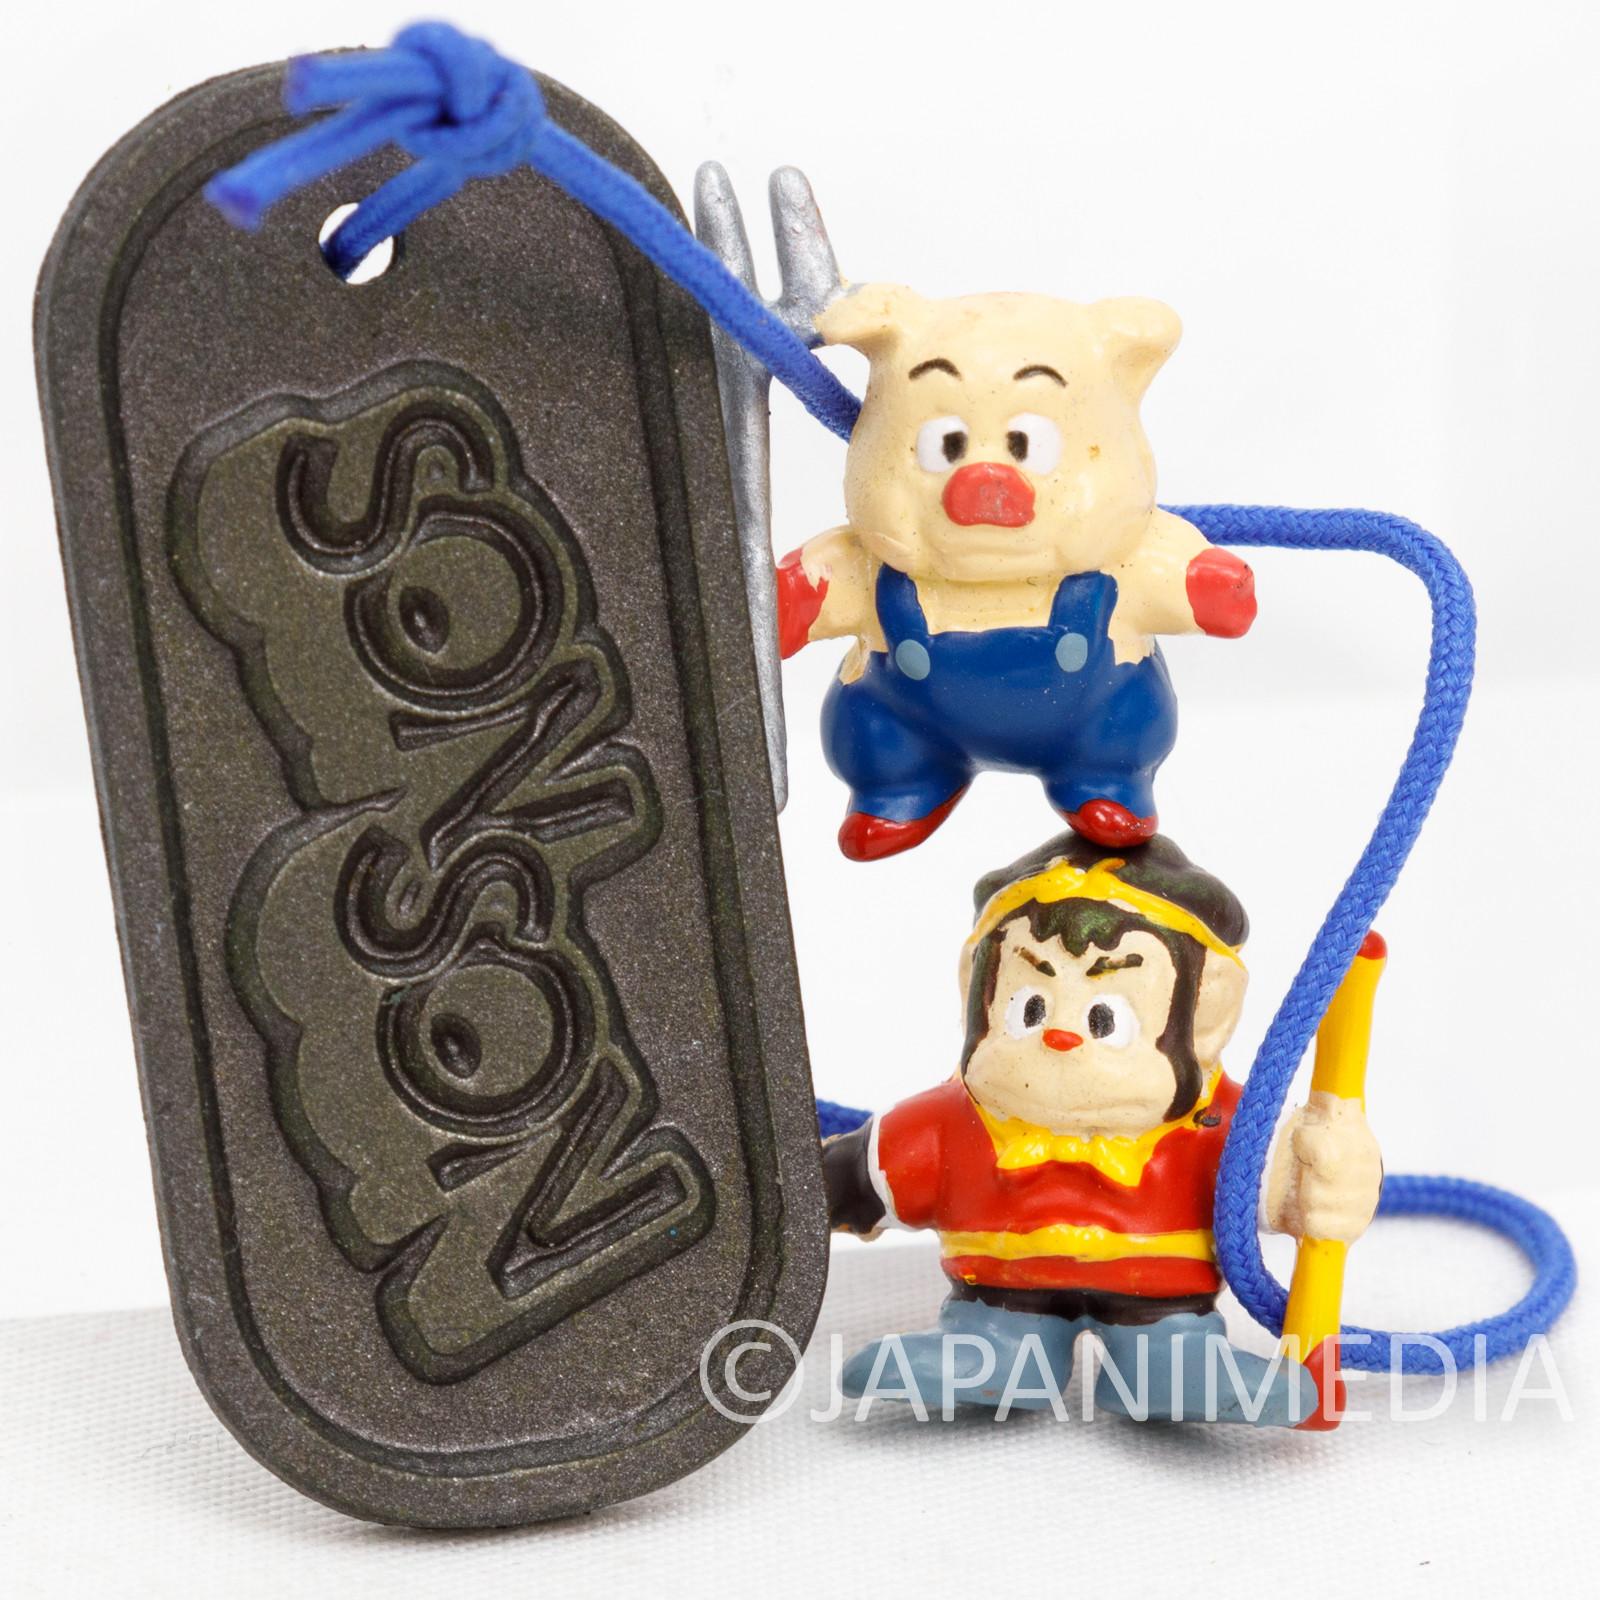 RARE! SON SON Son Son & Ton Ton Small Figure Plate Strap Capcom